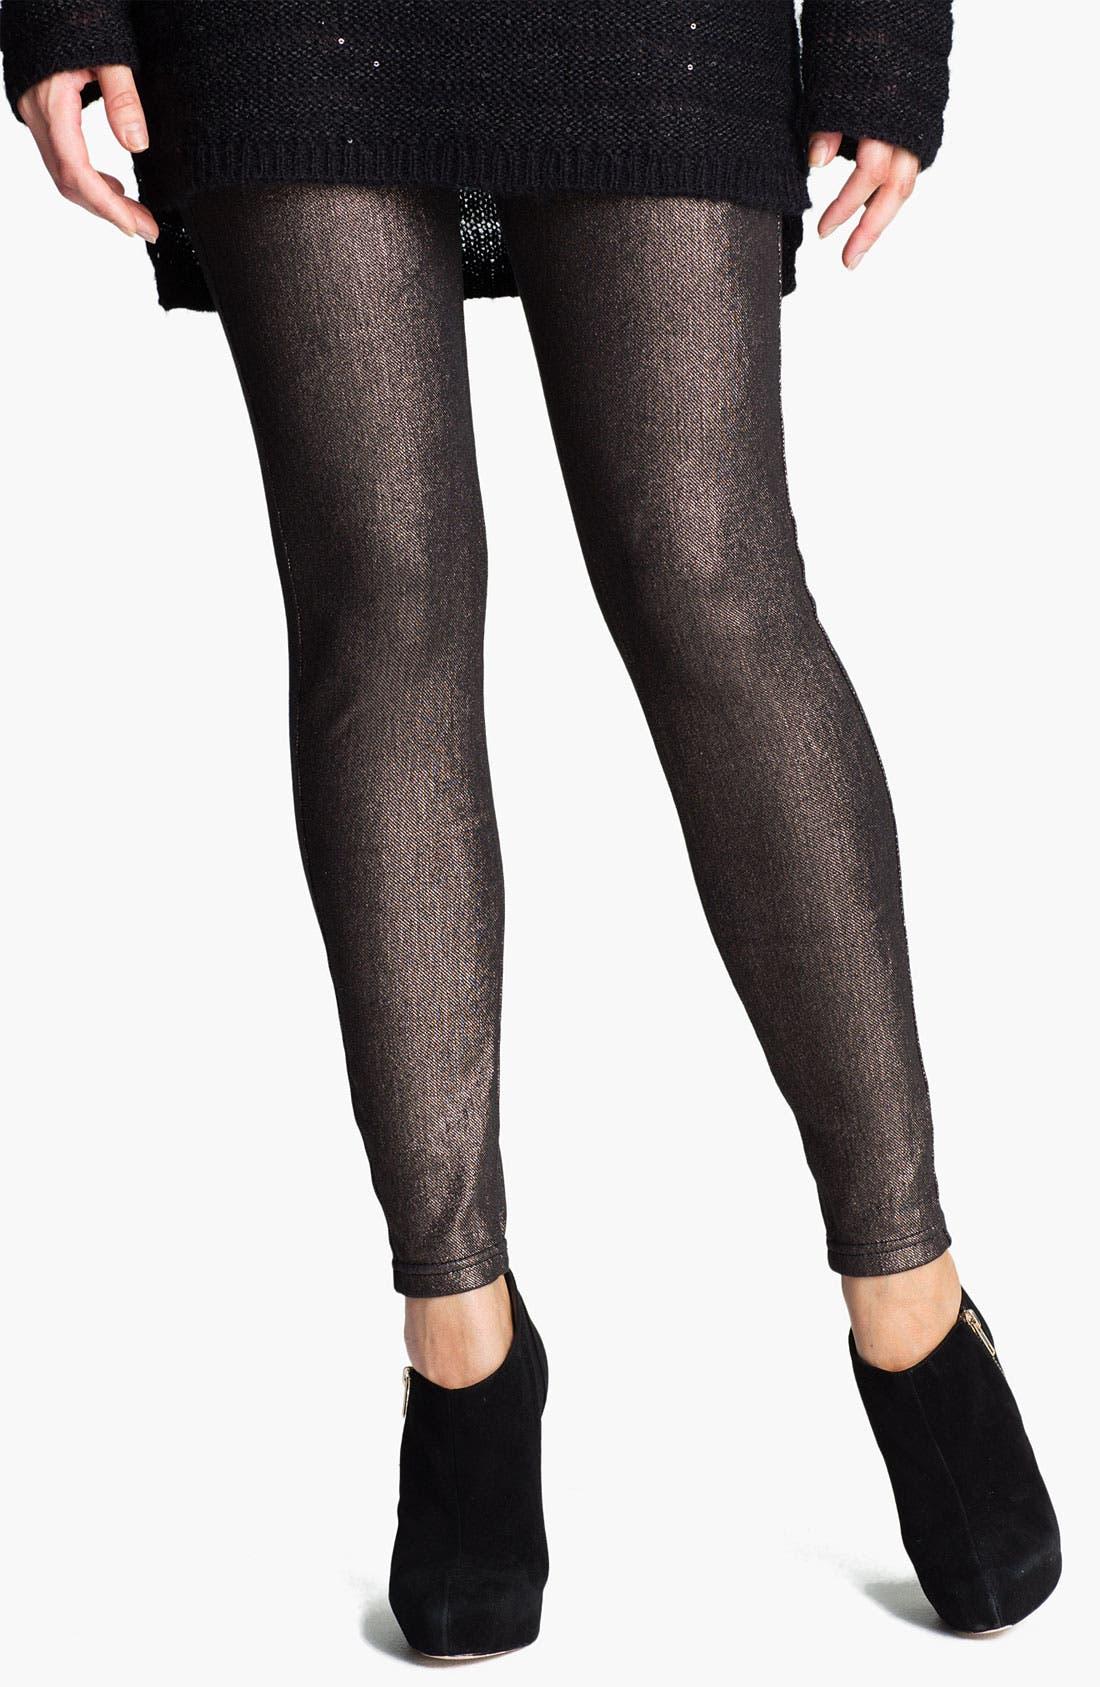 Main Image - Hue Foil Print Jeans Leggings